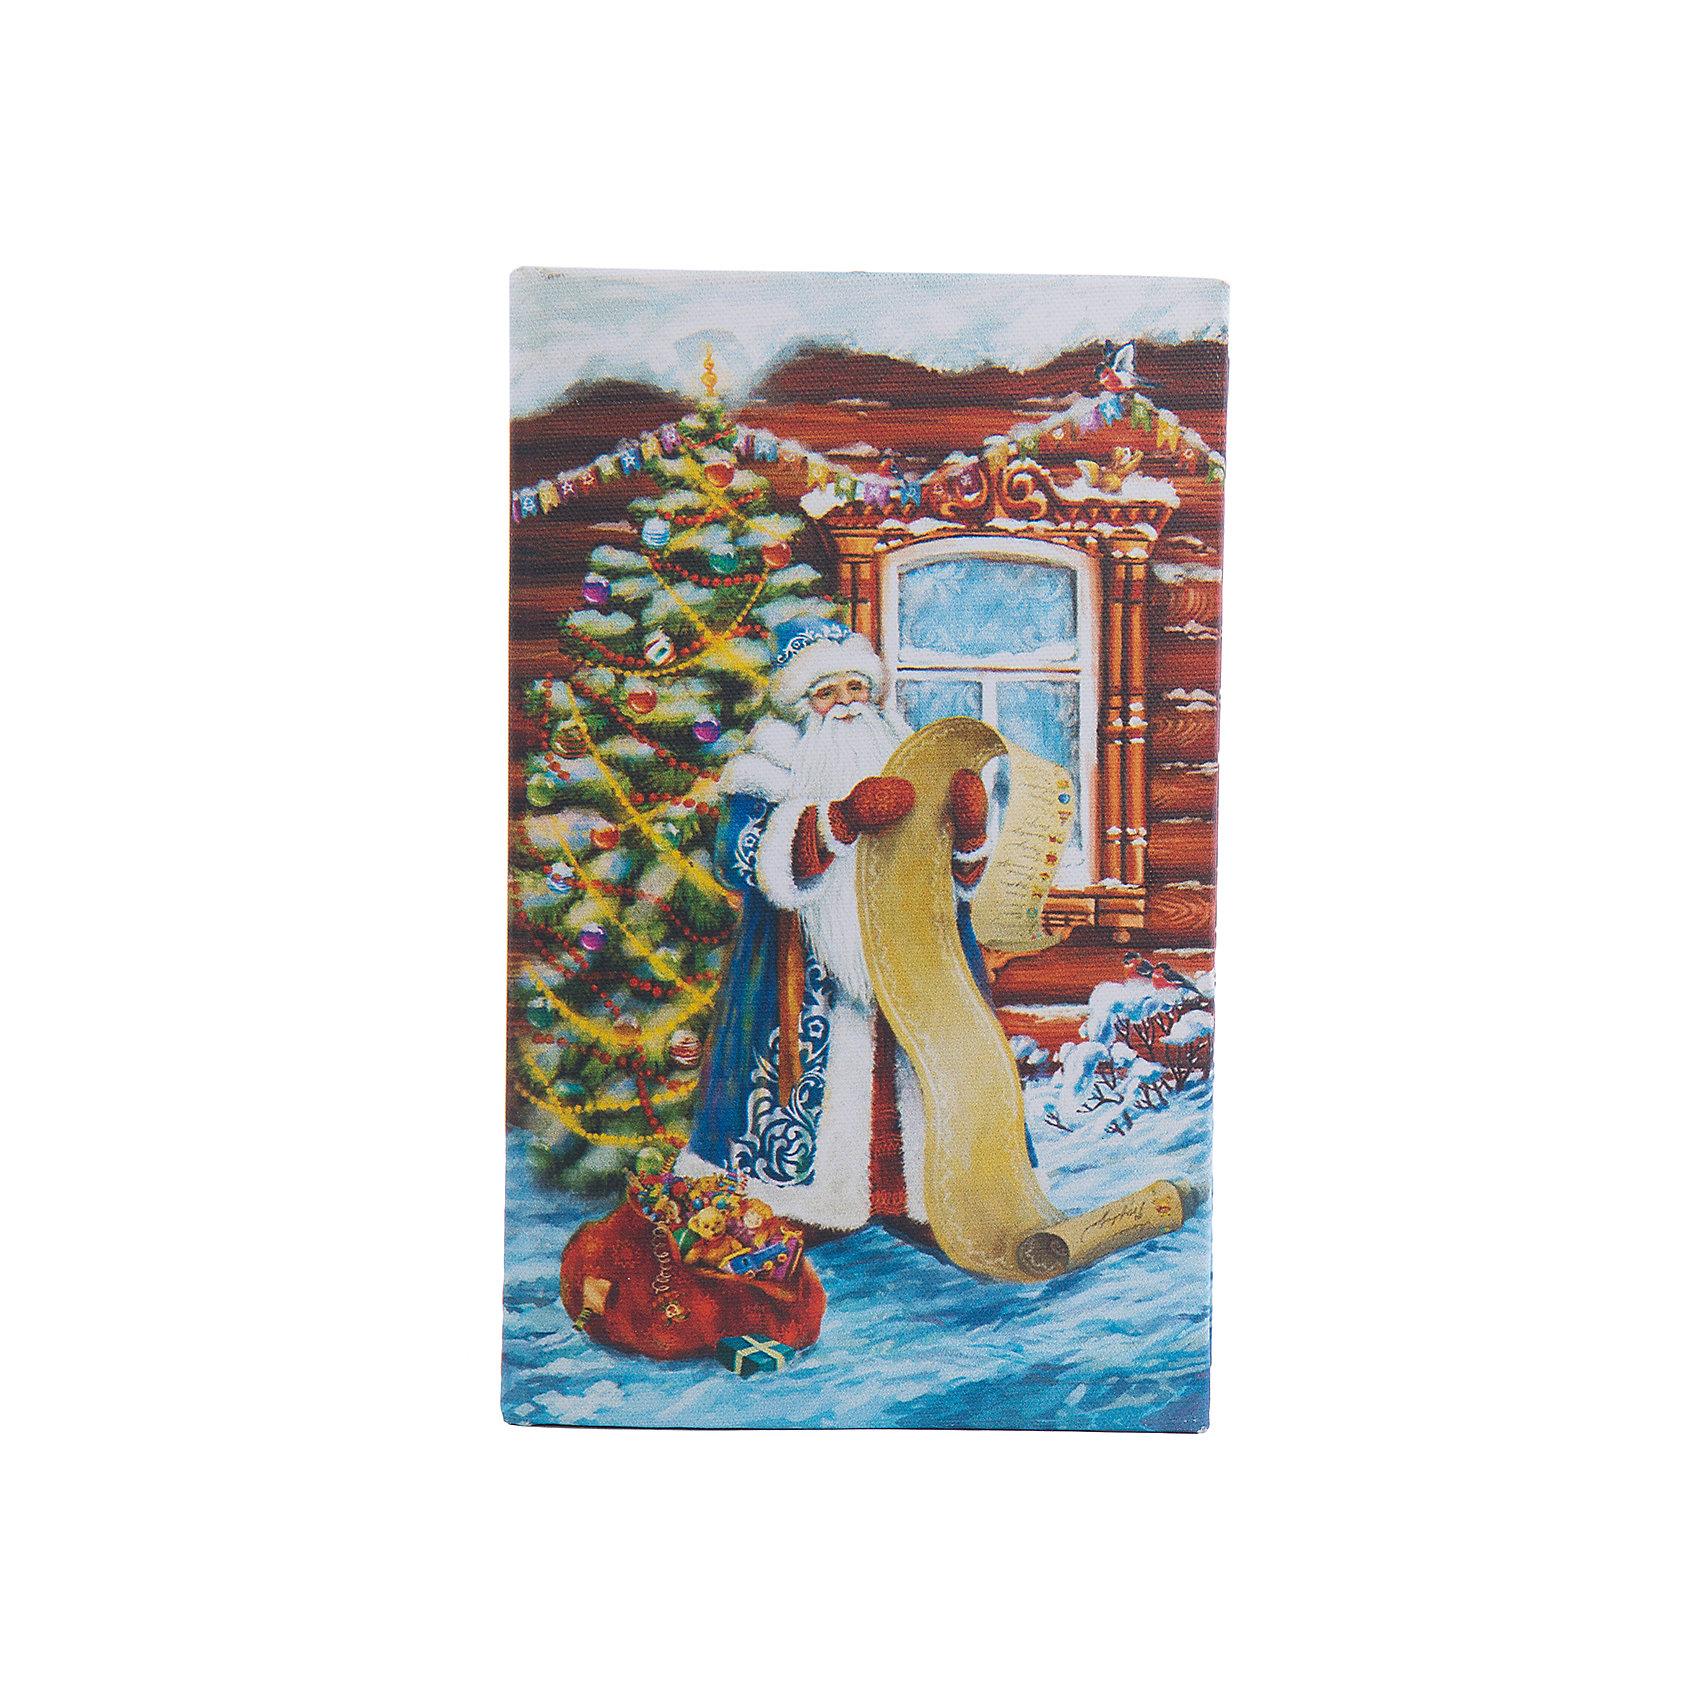 Шкатулка Дед Мороз со спискомШкатулка Дед Мороз со списком, Феникс-Презент, замечательно украсит Ваш новогодний интерьер и станет приятным сувениром для родных и друзей. Оригинальная шкатулка выполнена в форме книги и украшена красочным изображением Деда Мороза со списком подарков на фоне новогодней елки, закрывается на магнит. Симпатичный сувенир порадует и взрослых и детей и прекрасно подойдет для хранения мелочей и украшений.<br><br>Дополнительная информация:<br><br>- Материал: дерево (МДФ). <br>- Размер шкатулки: 17 х 11 х 5 см.<br>- Размер упаковки: 18 x 12 x 6 см.<br>- Вес: 0,307 кг. <br><br>Шкатулку Дед Мороз со списком, Феникс-Презент, можно купить в нашем интернет-магазине.<br><br>Ширина мм: 60<br>Глубина мм: 120<br>Высота мм: 180<br>Вес г: 307<br>Возраст от месяцев: 36<br>Возраст до месяцев: 2147483647<br>Пол: Унисекс<br>Возраст: Детский<br>SKU: 4276552